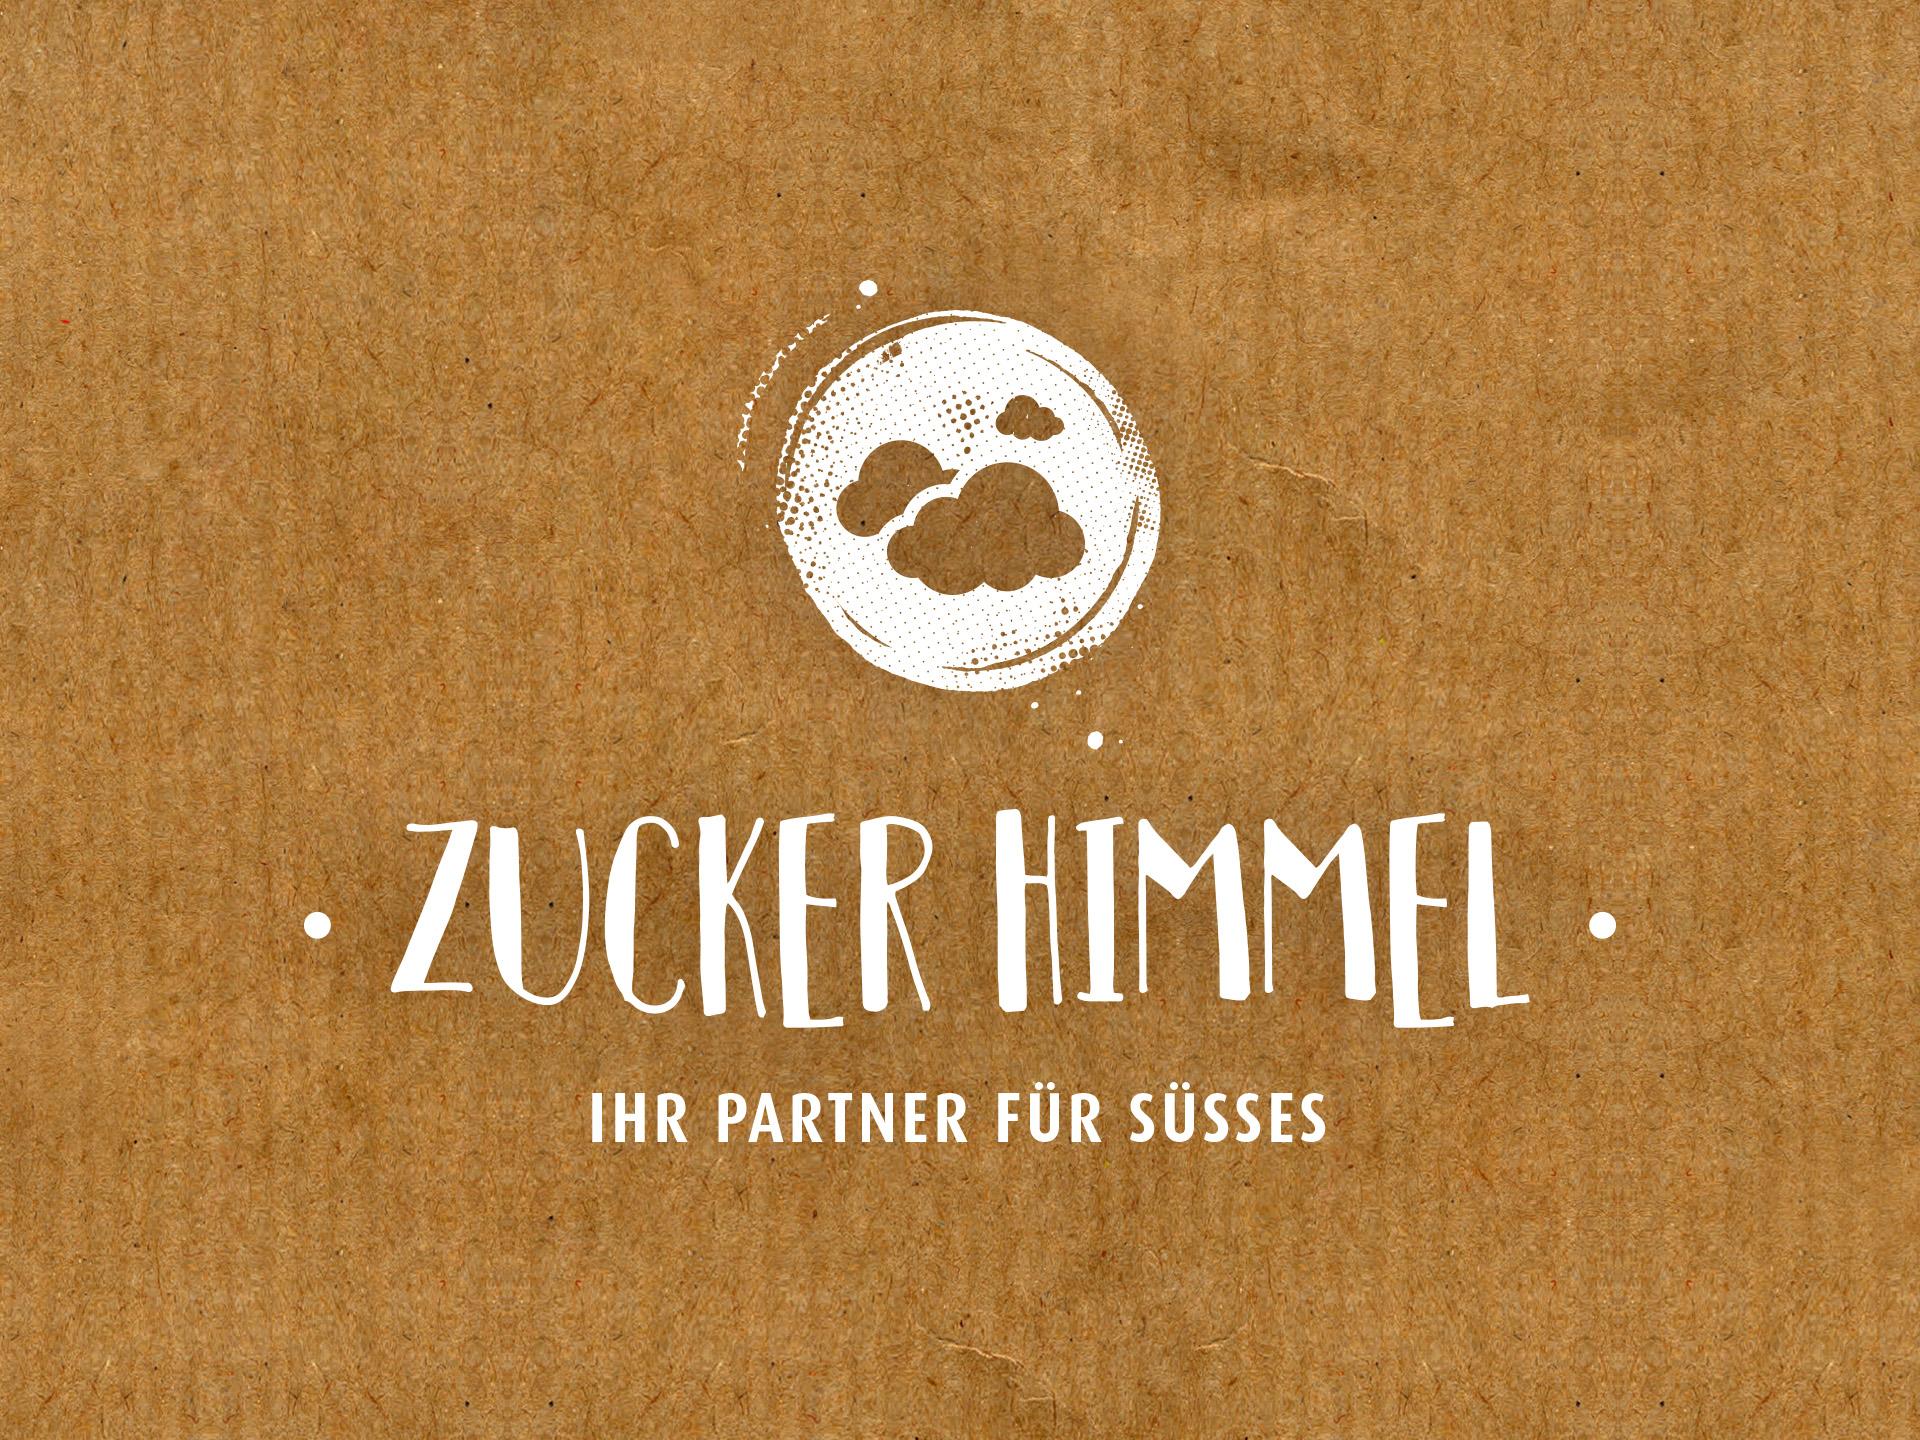 SM Graphic Design Referenzen Logo Illustration Webdesign Visitenkarten Zuckerhimmel Cupcakes Süssigkeiten Apero